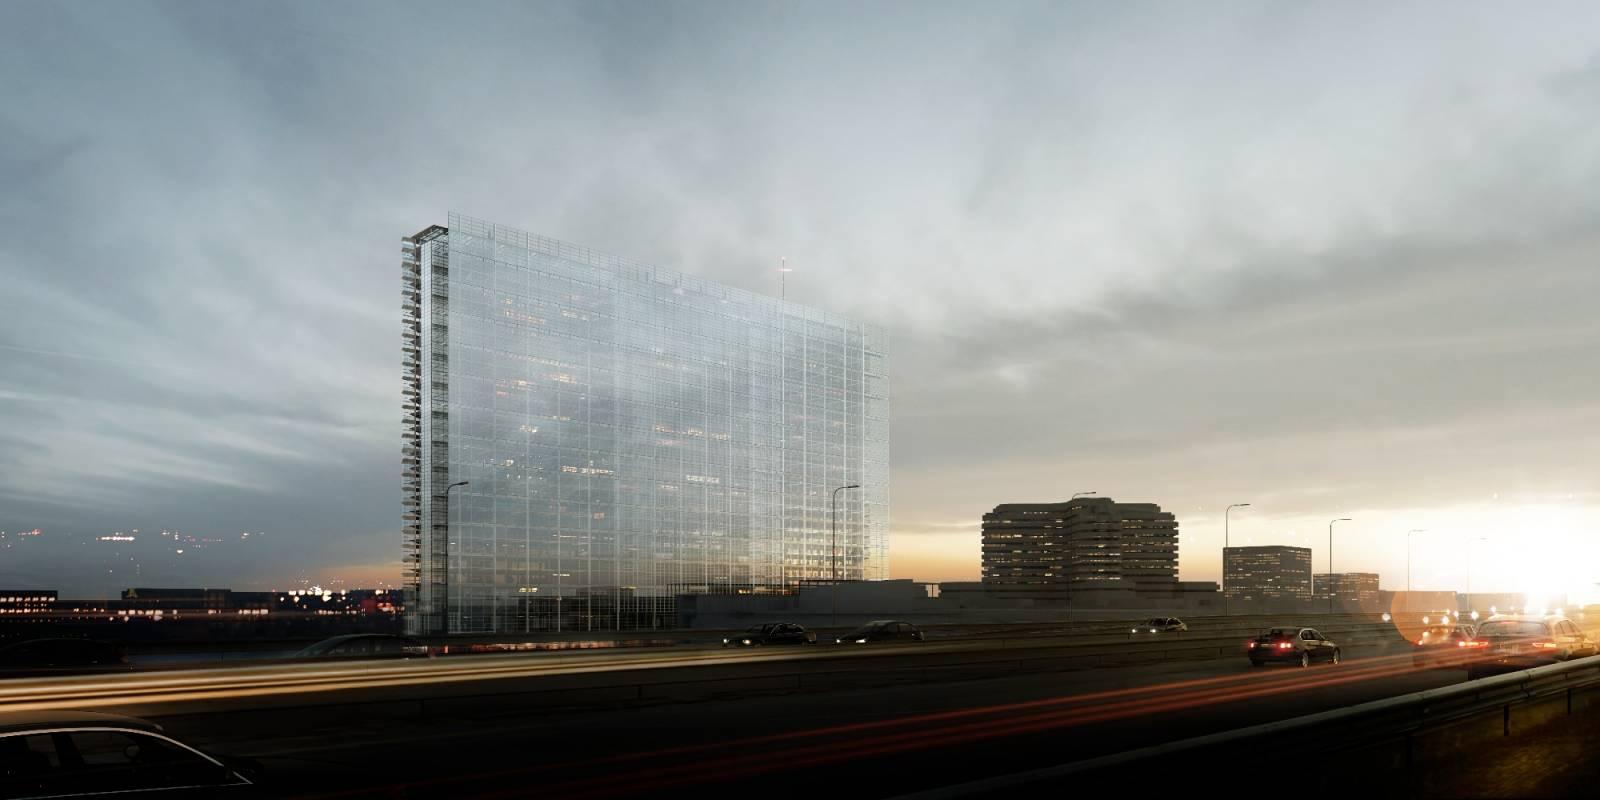 epo 2 int e1516213118916 - L'expérience de l'horizontalité vue par Jean Nouvel avec l'ouverture d'un nouveau bureau européen des brevets aux Pays-Bas